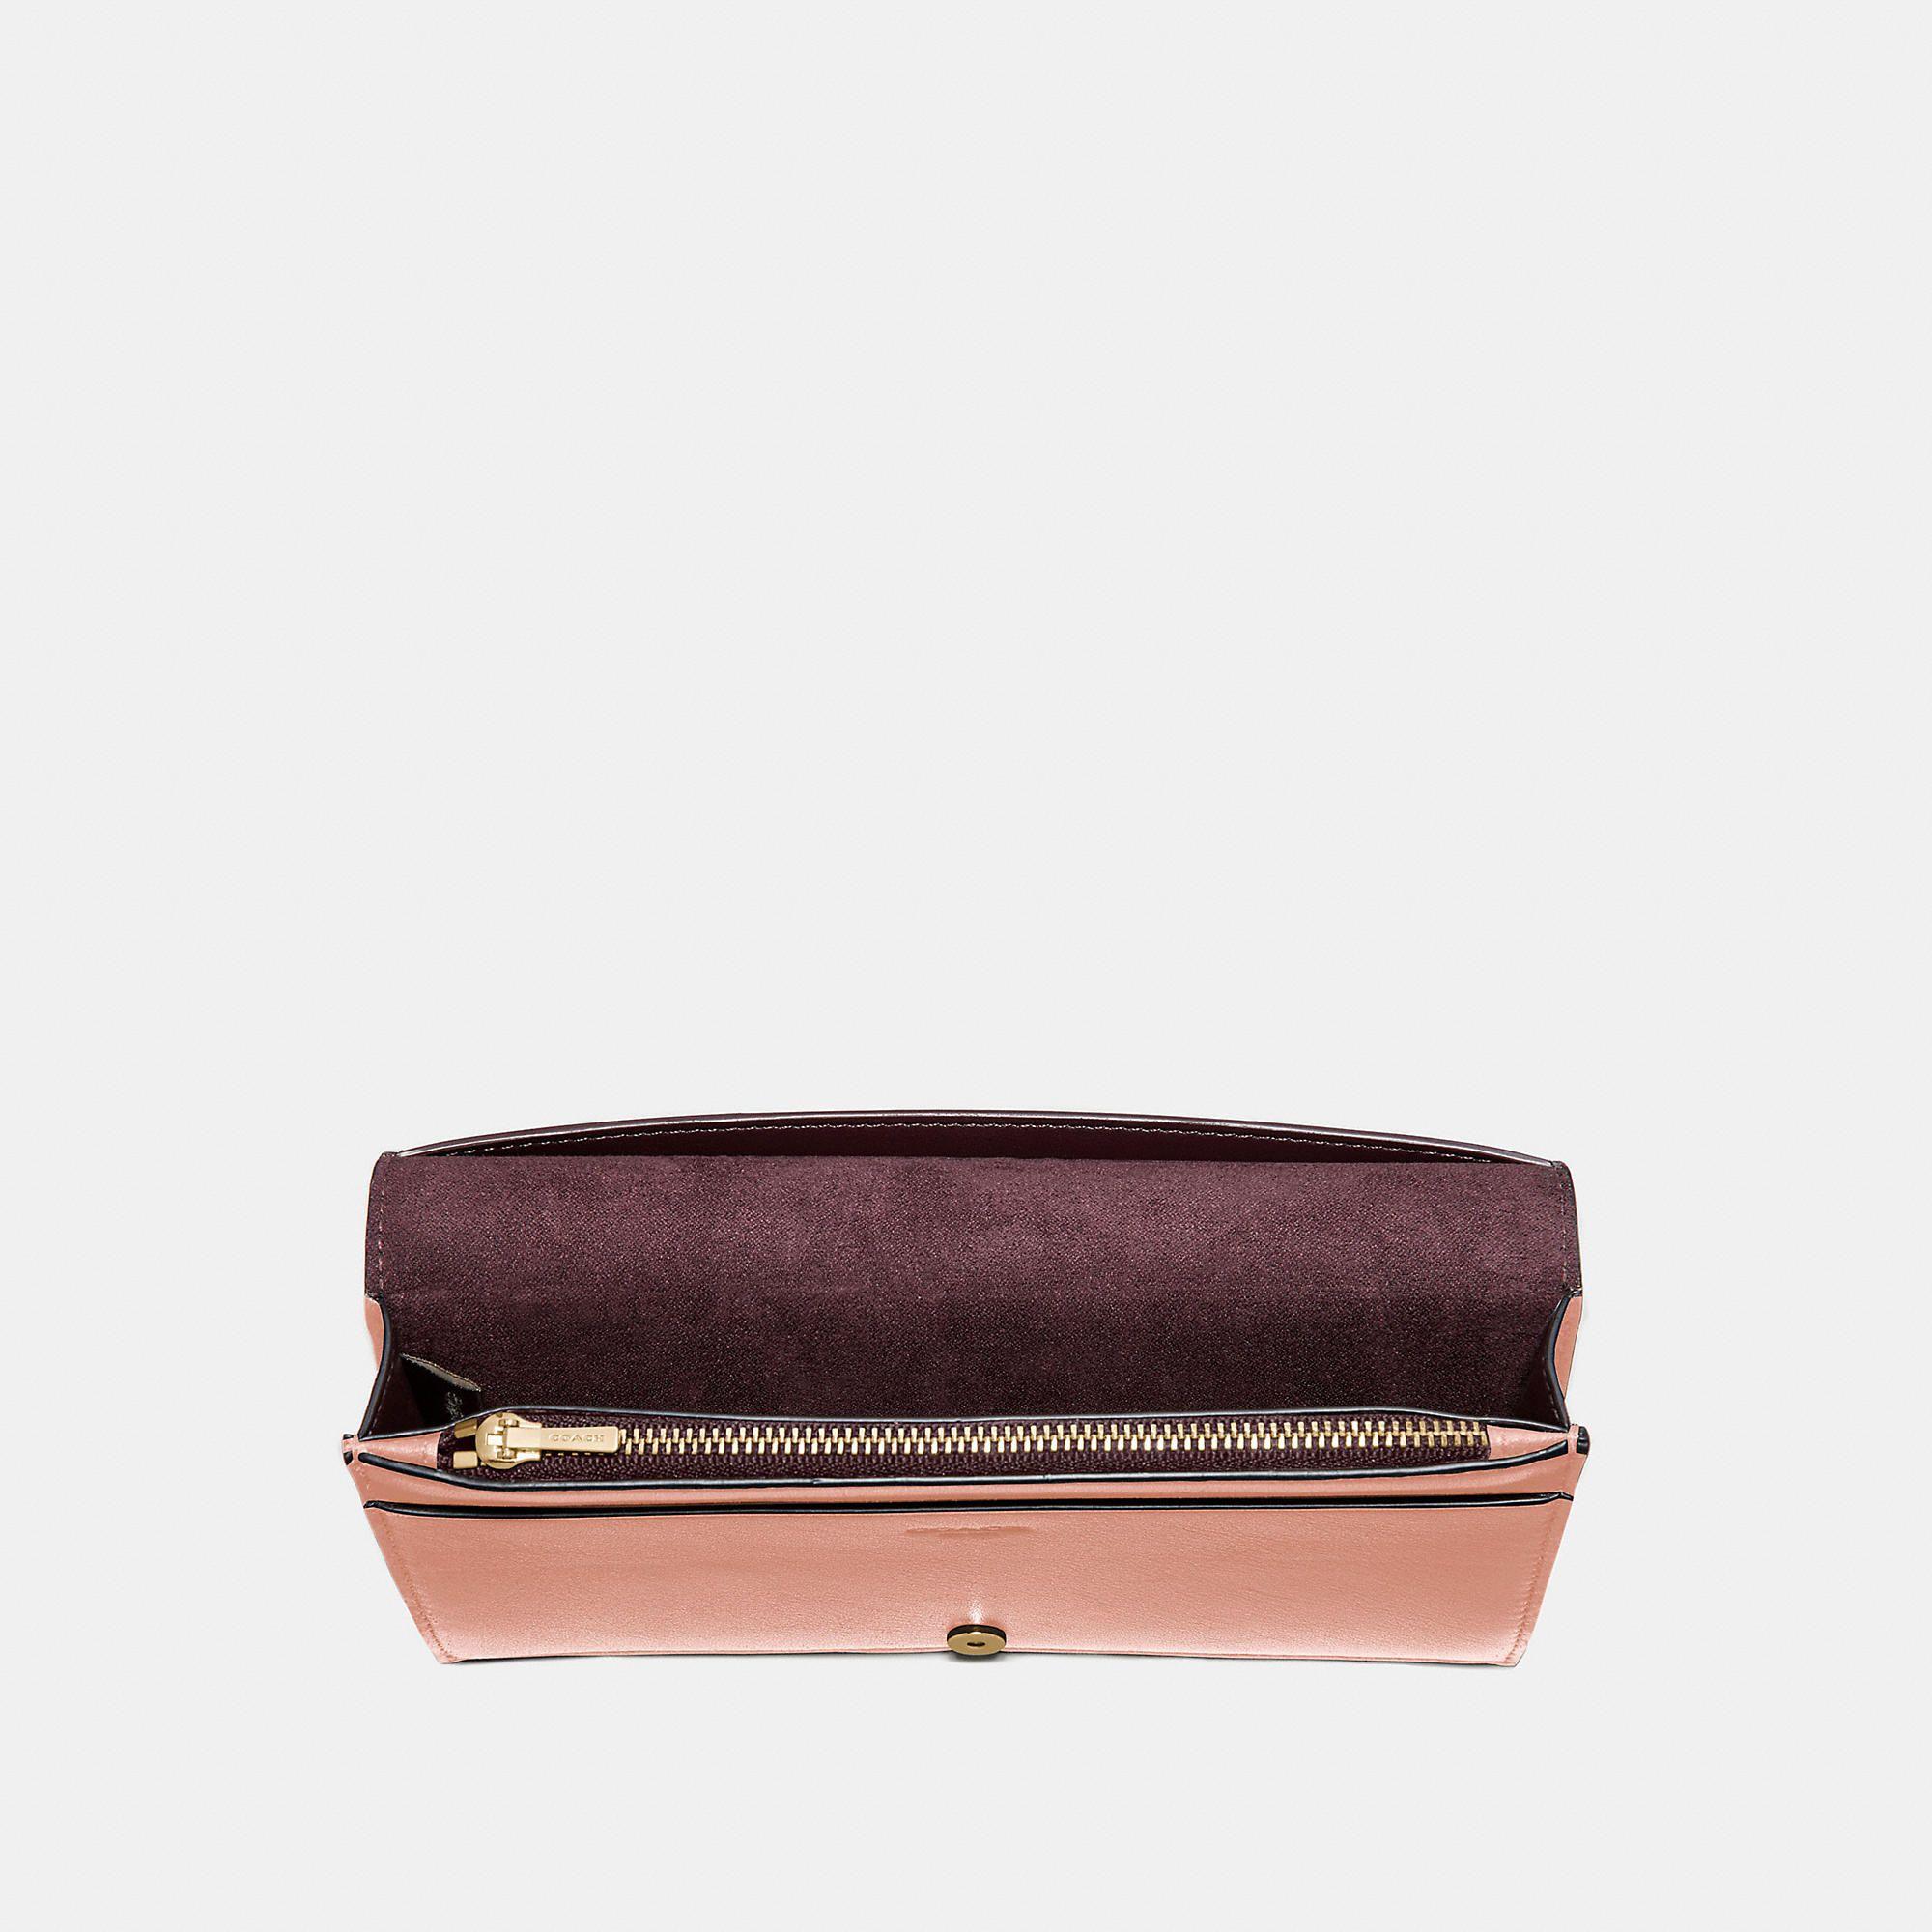 The Dreamer Zip Wallet